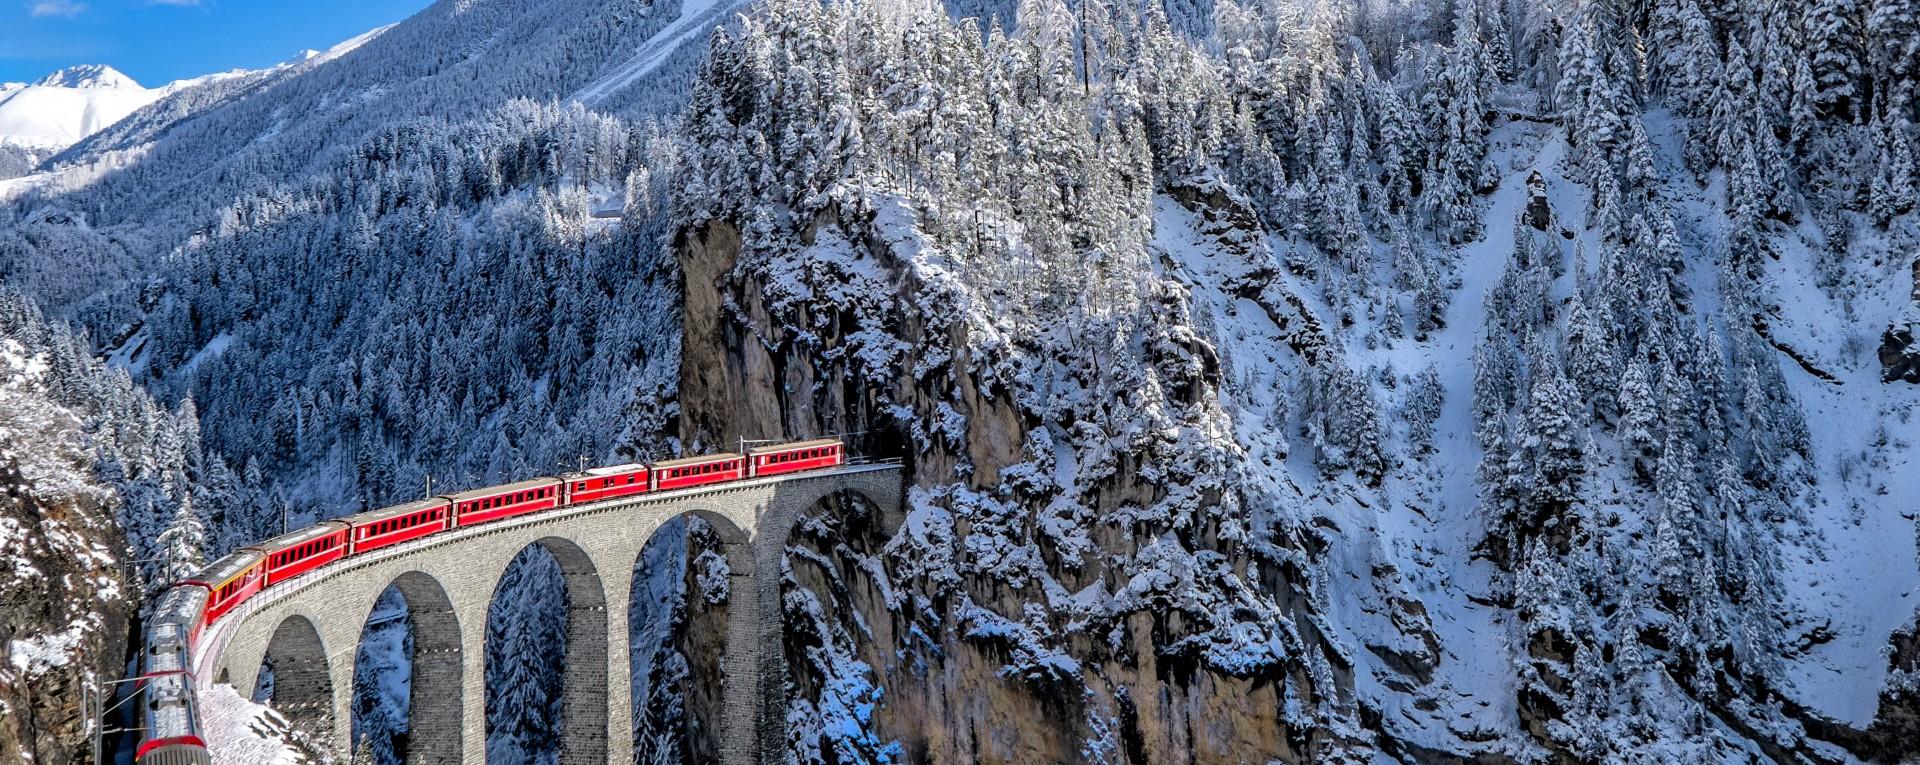 Resultado de imagen para 1 - Glacier Express Suiza